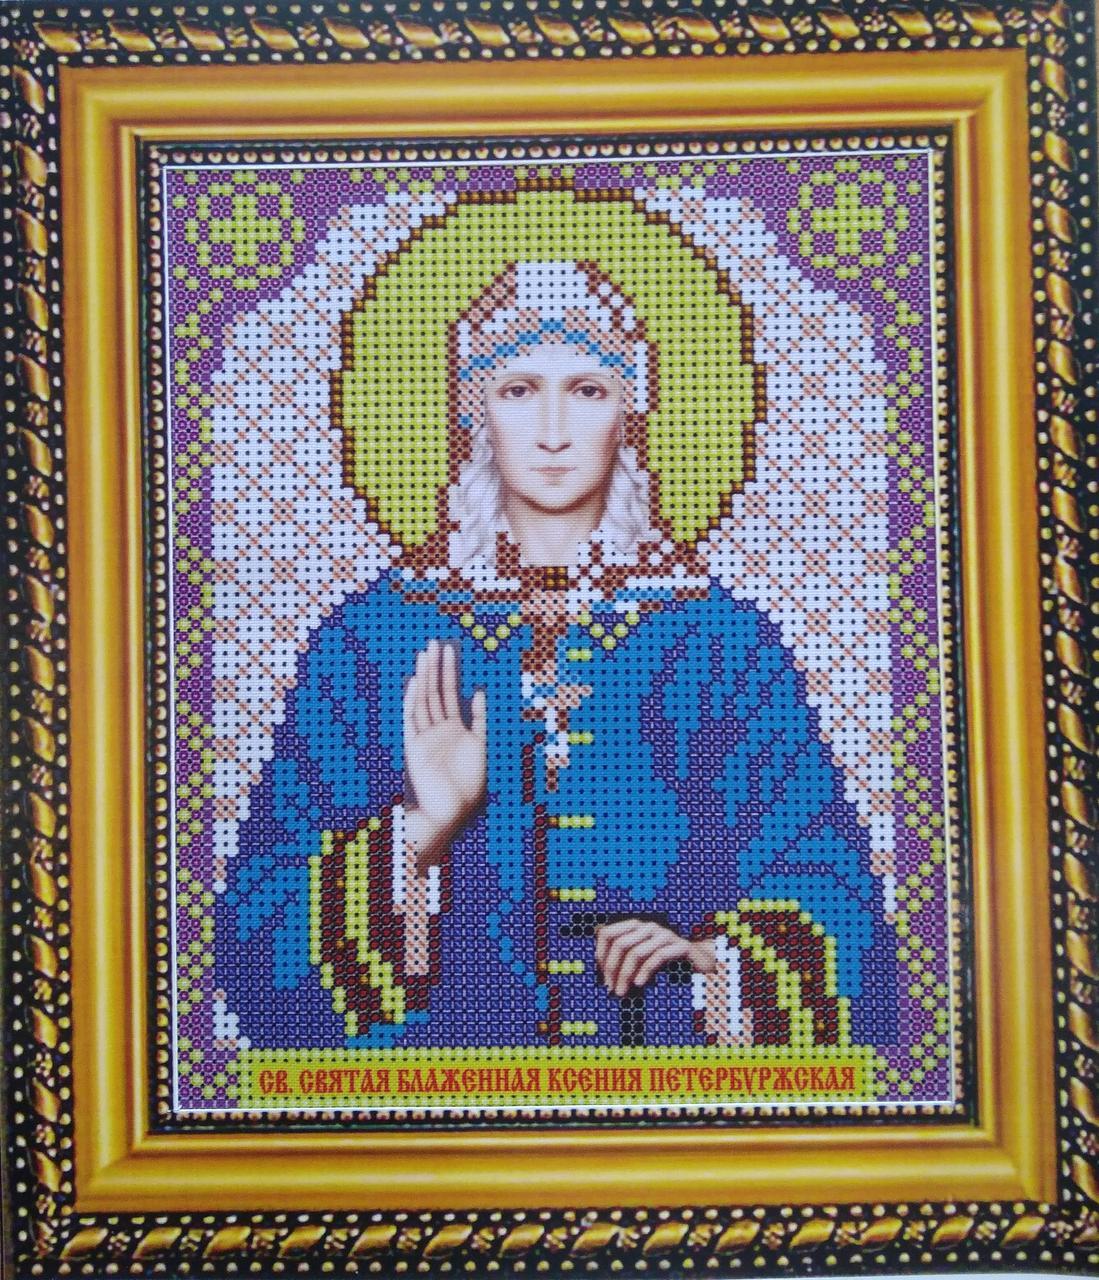 Набор для вышивки бисером ArtWork икона Святая Блаженная Ксения Петербургская VIA 5053